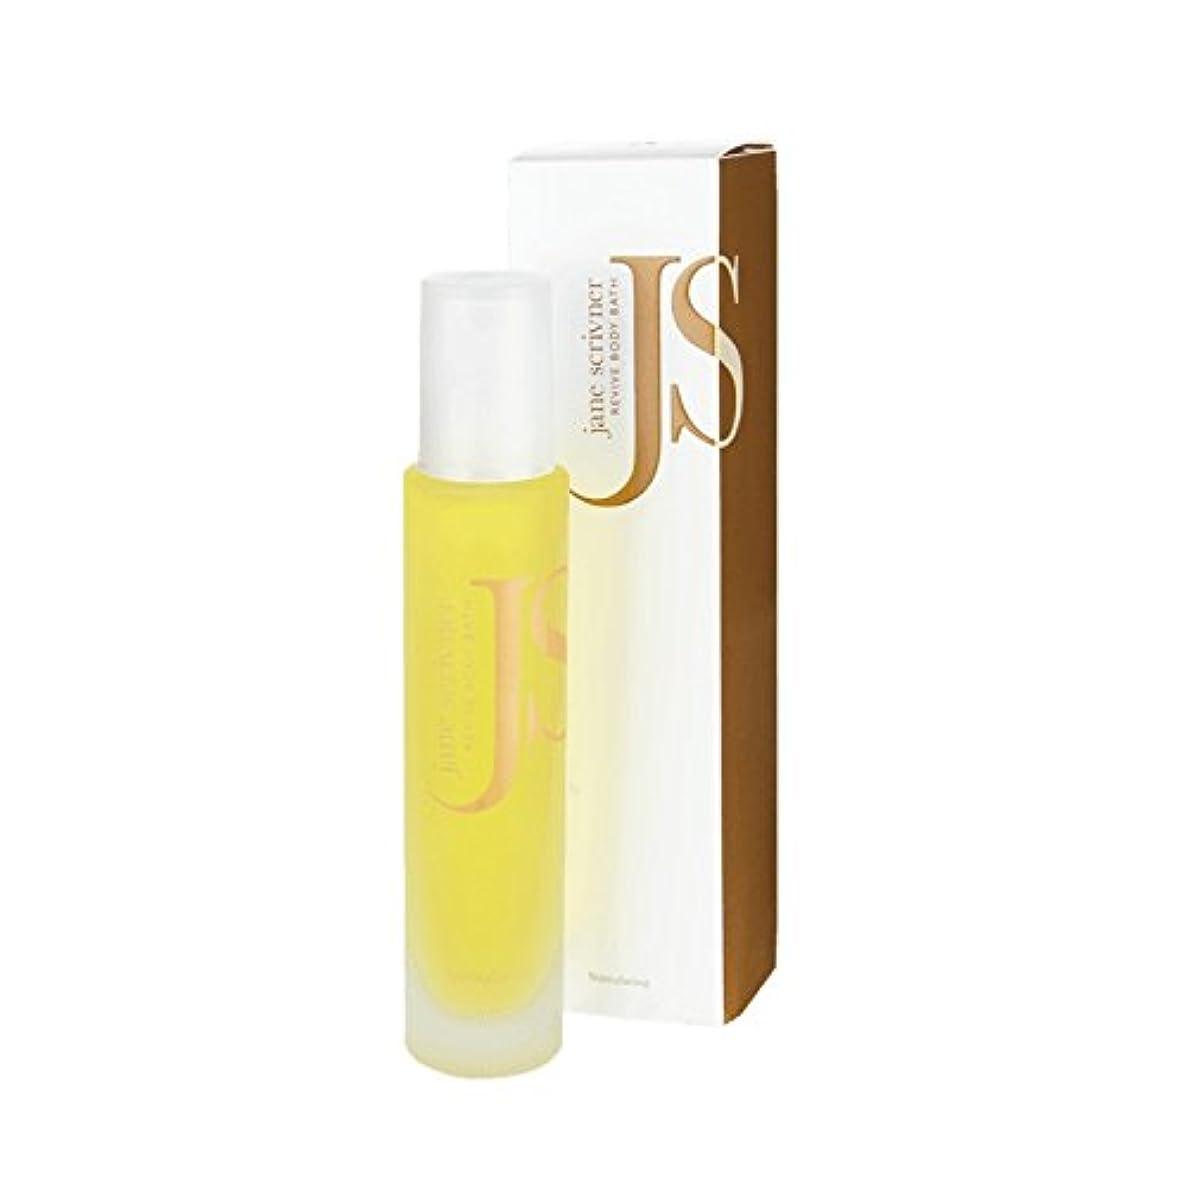 に向けて出発冷ややかな最適Jane Scrivner Body Bath Oil Revive 100ml (Pack of 6) - ジェーンScrivnerボディバスオイル100ミリリットルを復活させます (x6) [並行輸入品]